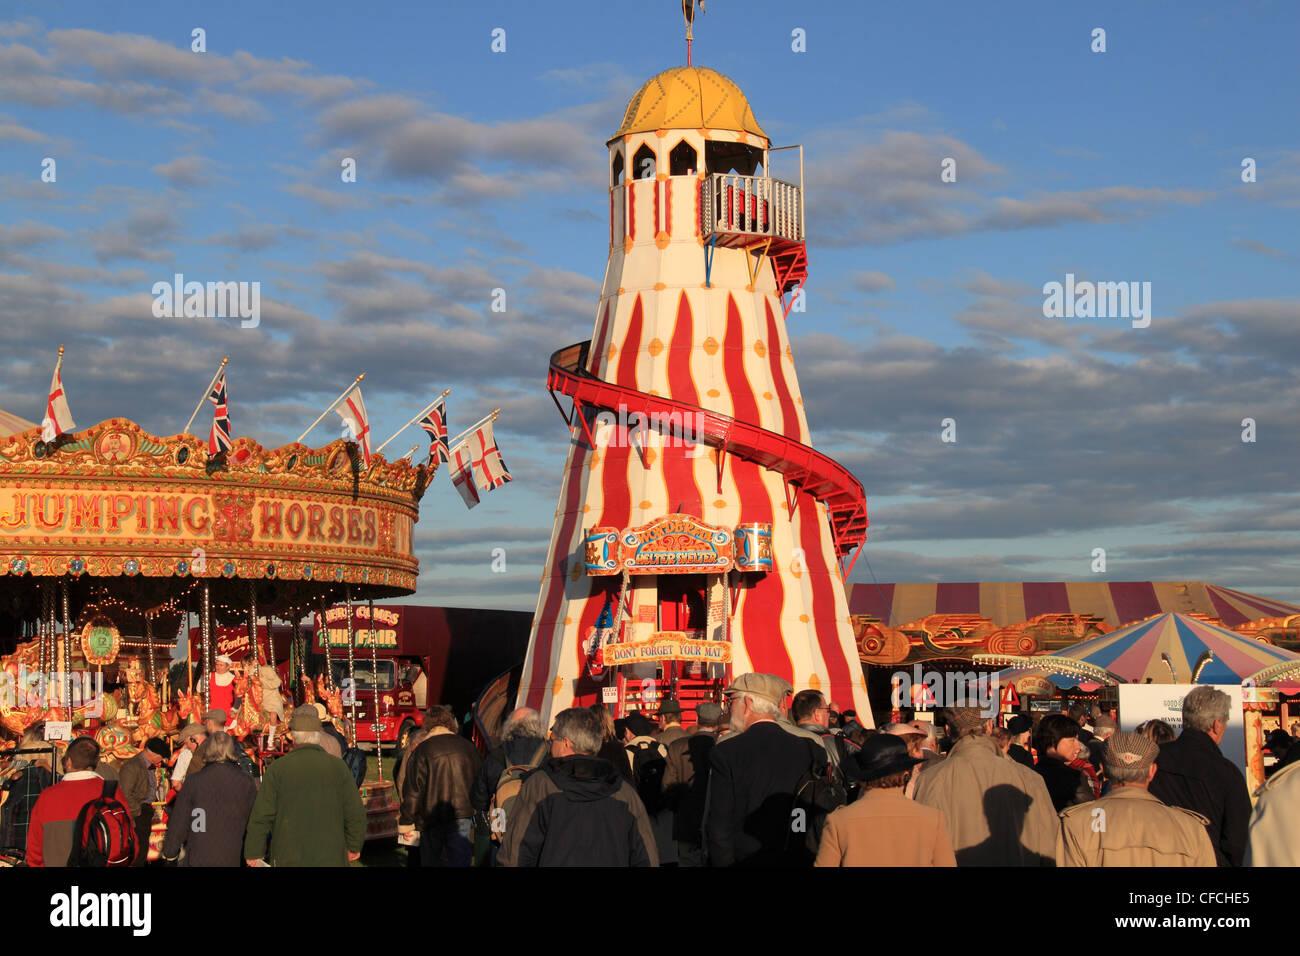 Kirmes beim Goodwood Revival 2011, Chichester, West Sussex, England, Großbritannien, Vereinigtes Königreich, Stockbild